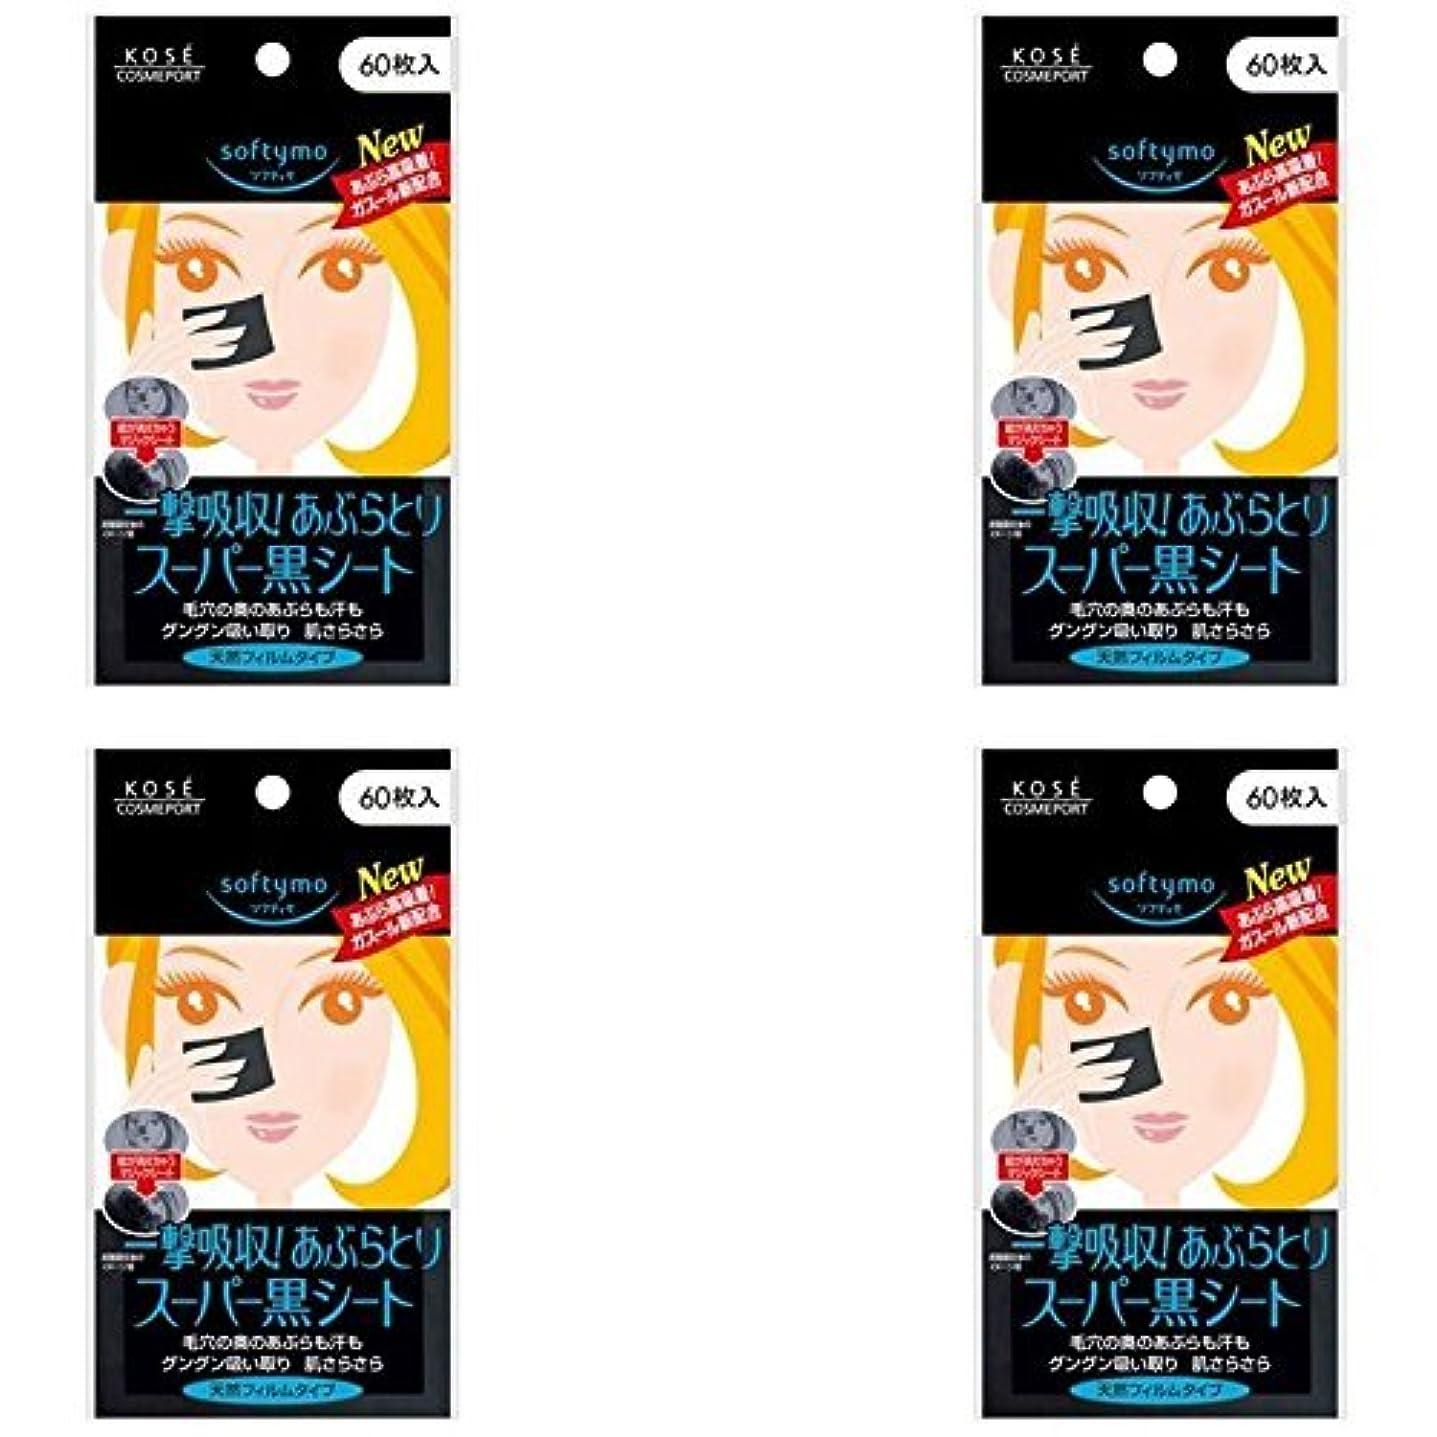 旋律的つば集中【まとめ買い】KOSE コーセー ソフティモ スーパーあぶらとり黒シート N 60枚【×4個】